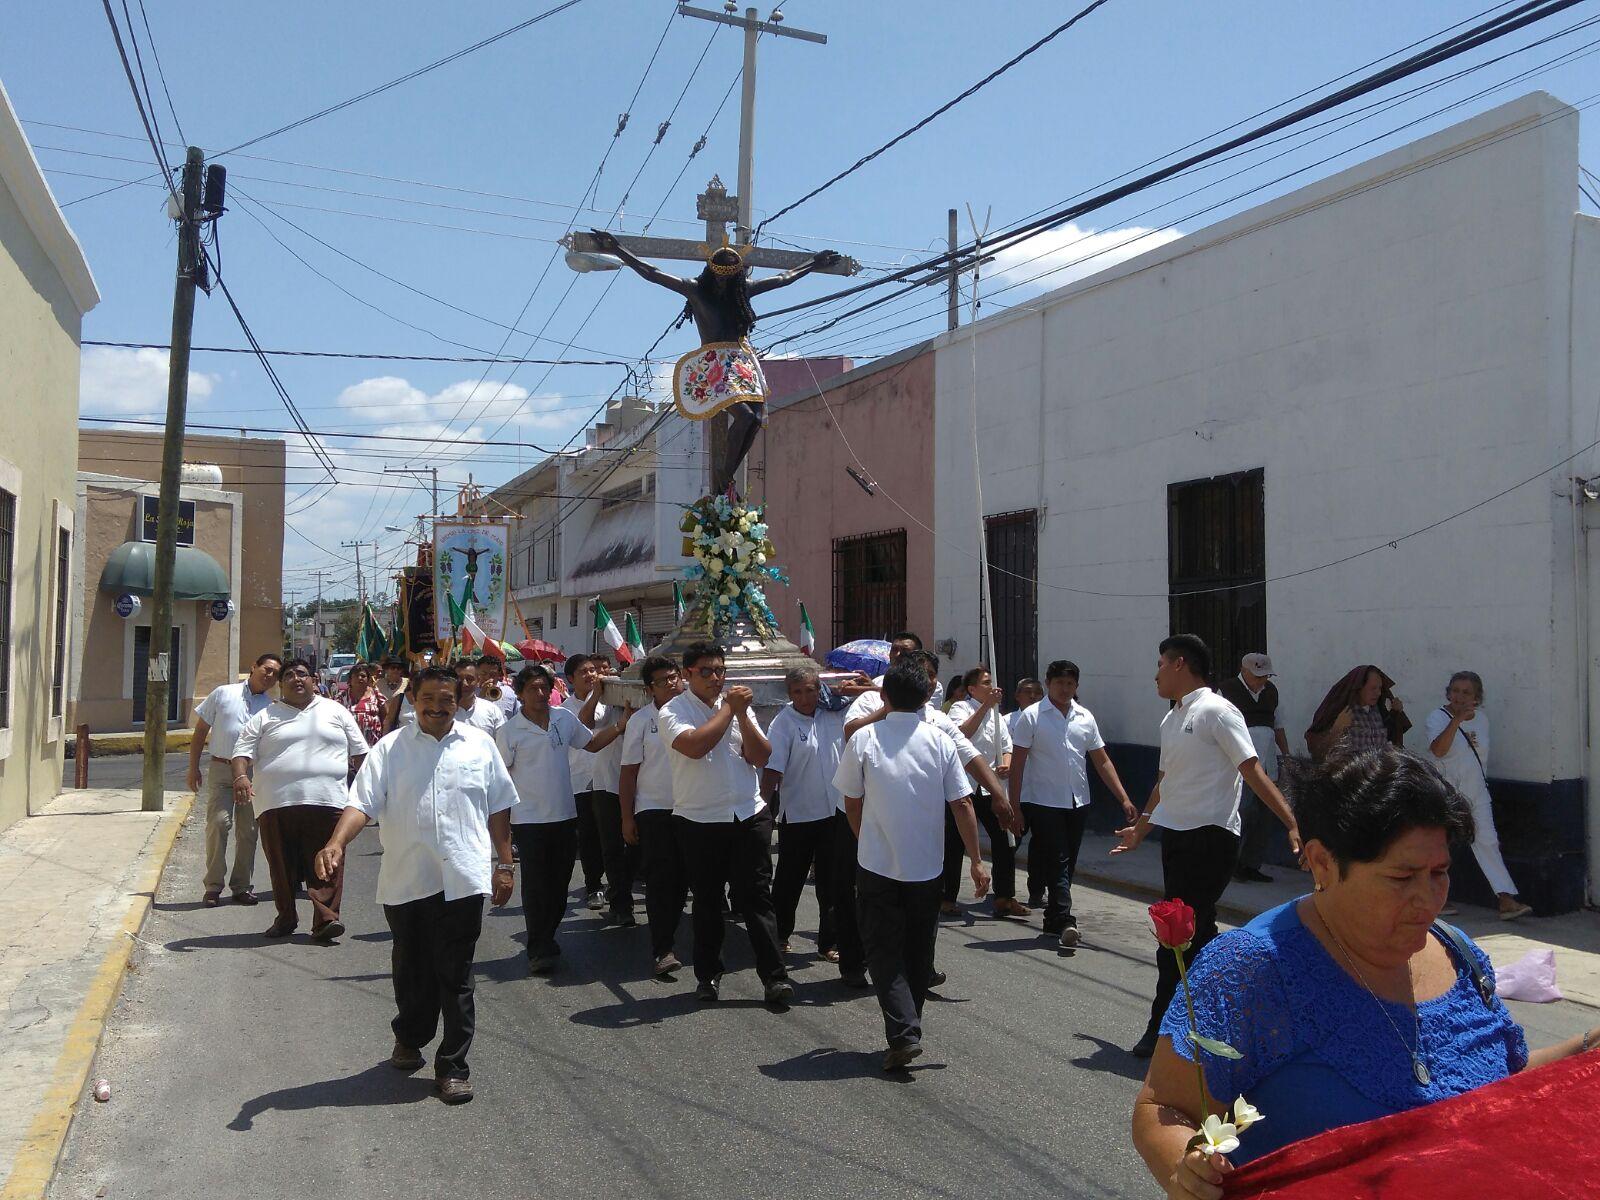 Tradiciones de la Mérida de otros tiempos